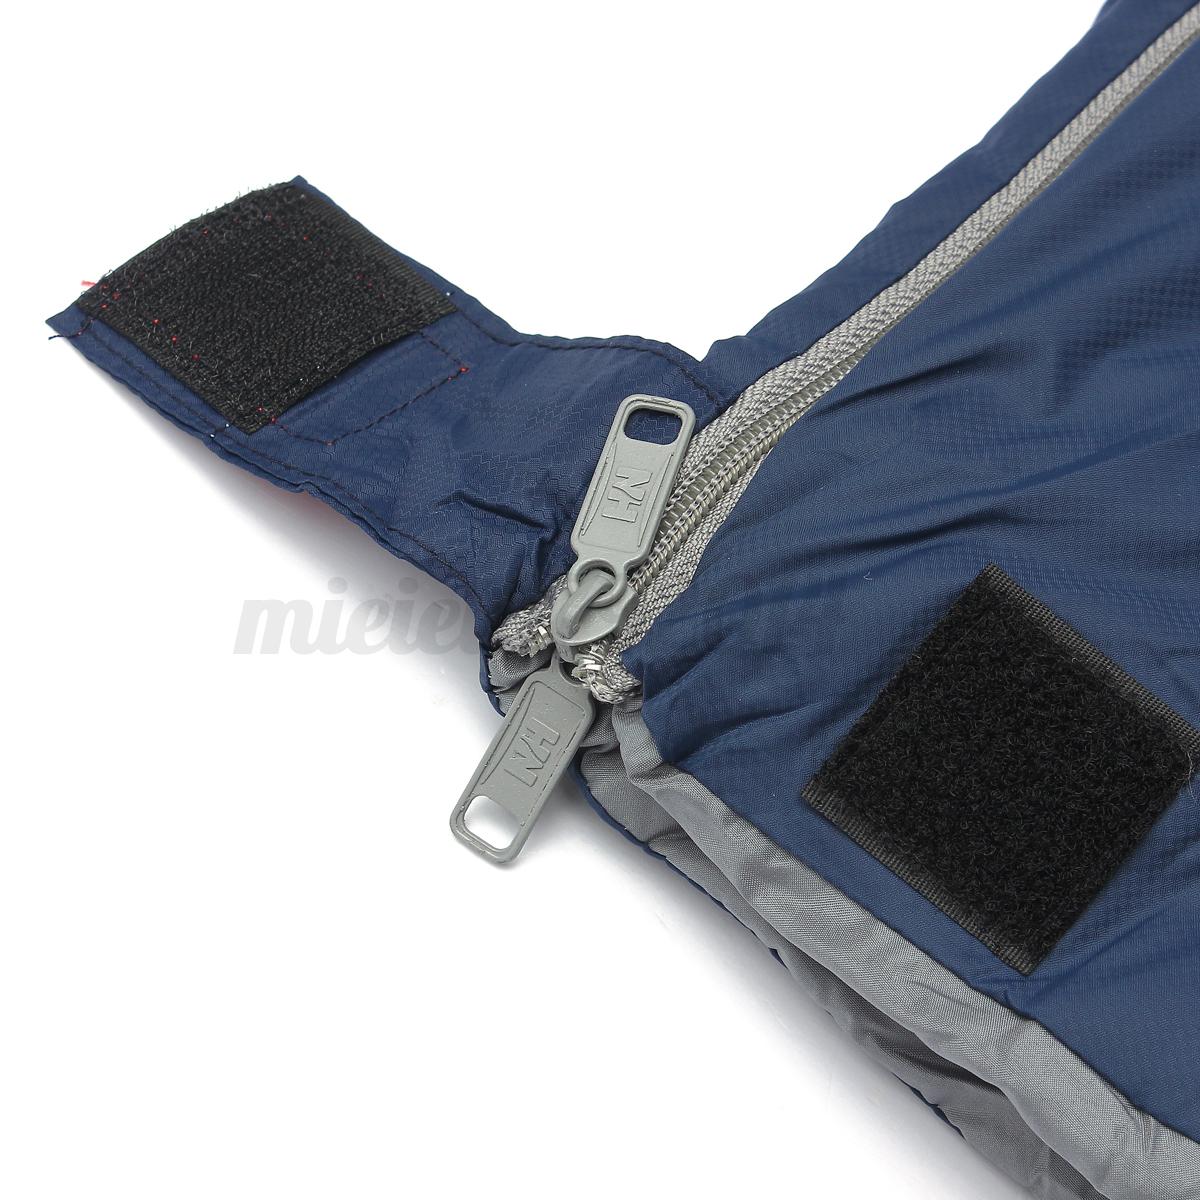 sac de couchage protable compression etanche arm l ger. Black Bedroom Furniture Sets. Home Design Ideas